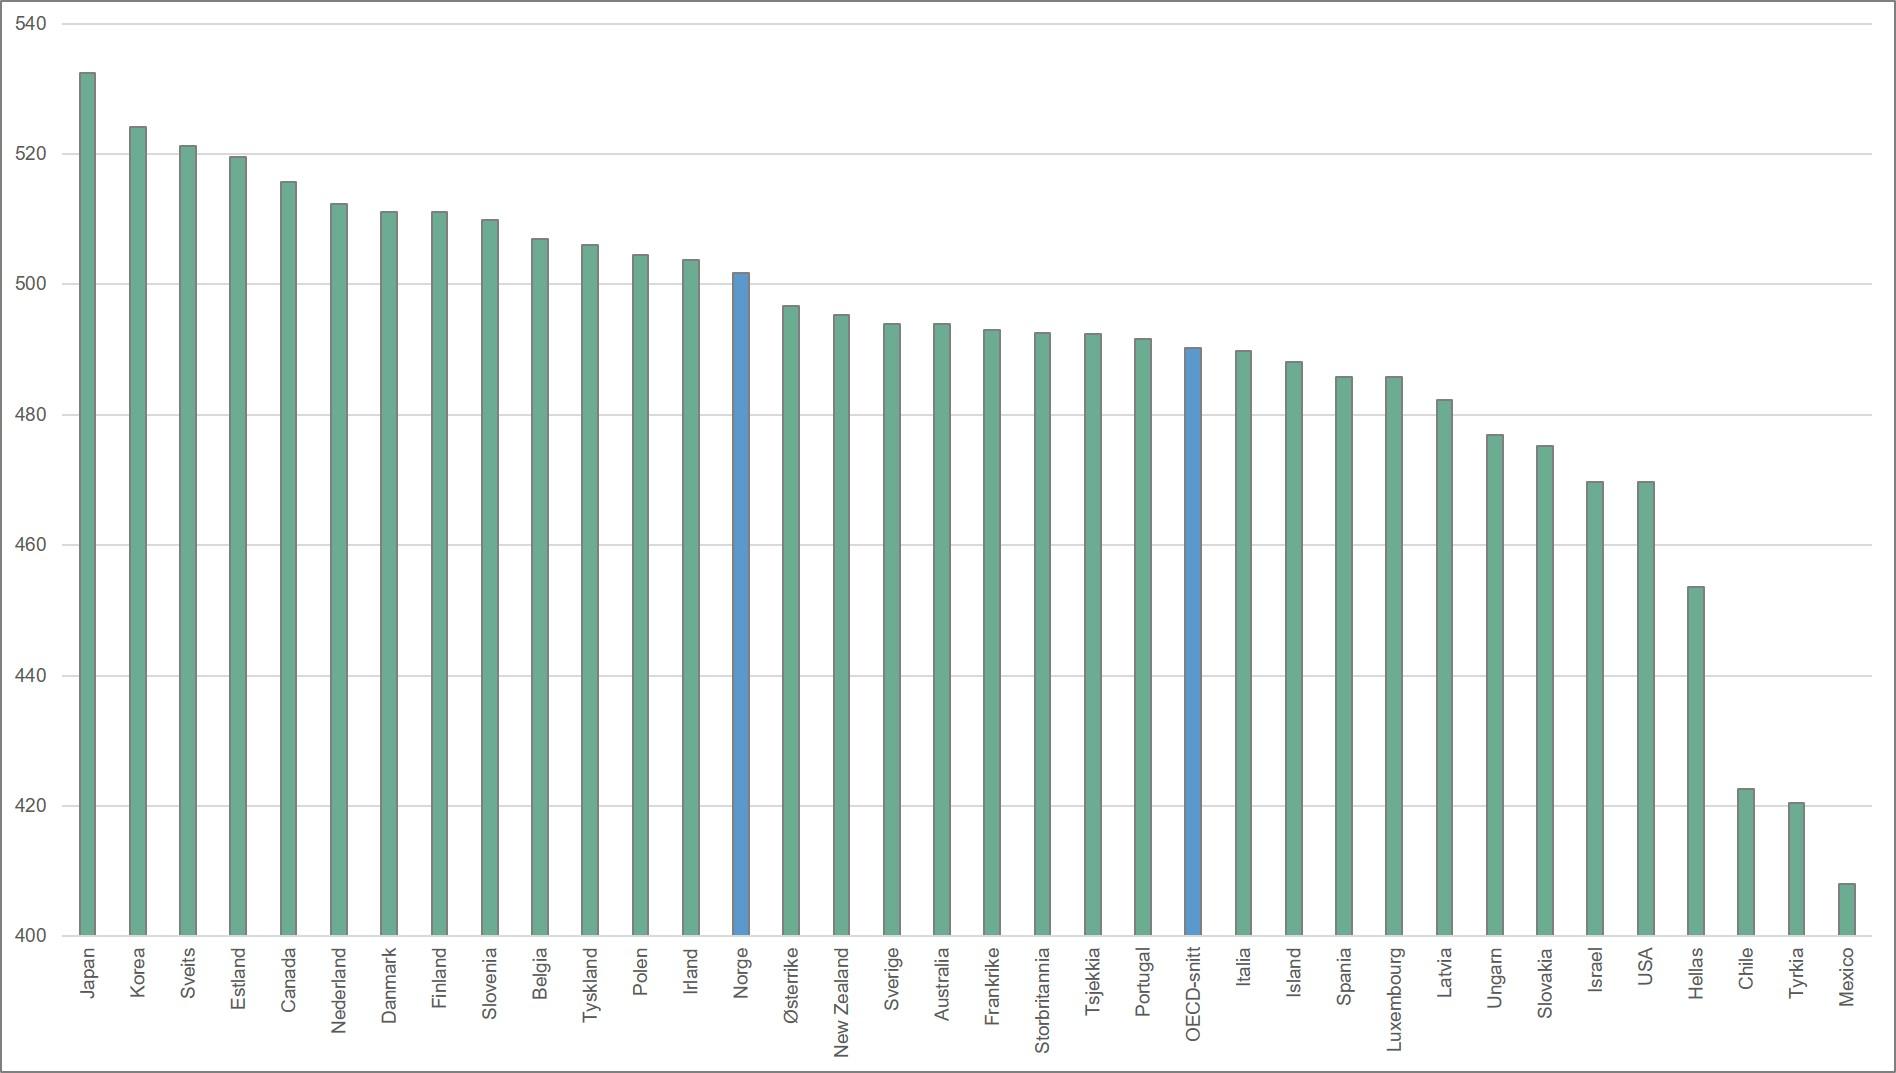 Gjennomsnittsskår på PISA-testen i matematikk, OECD-land. 2015. Merknad: Skalaen begynner på 400.